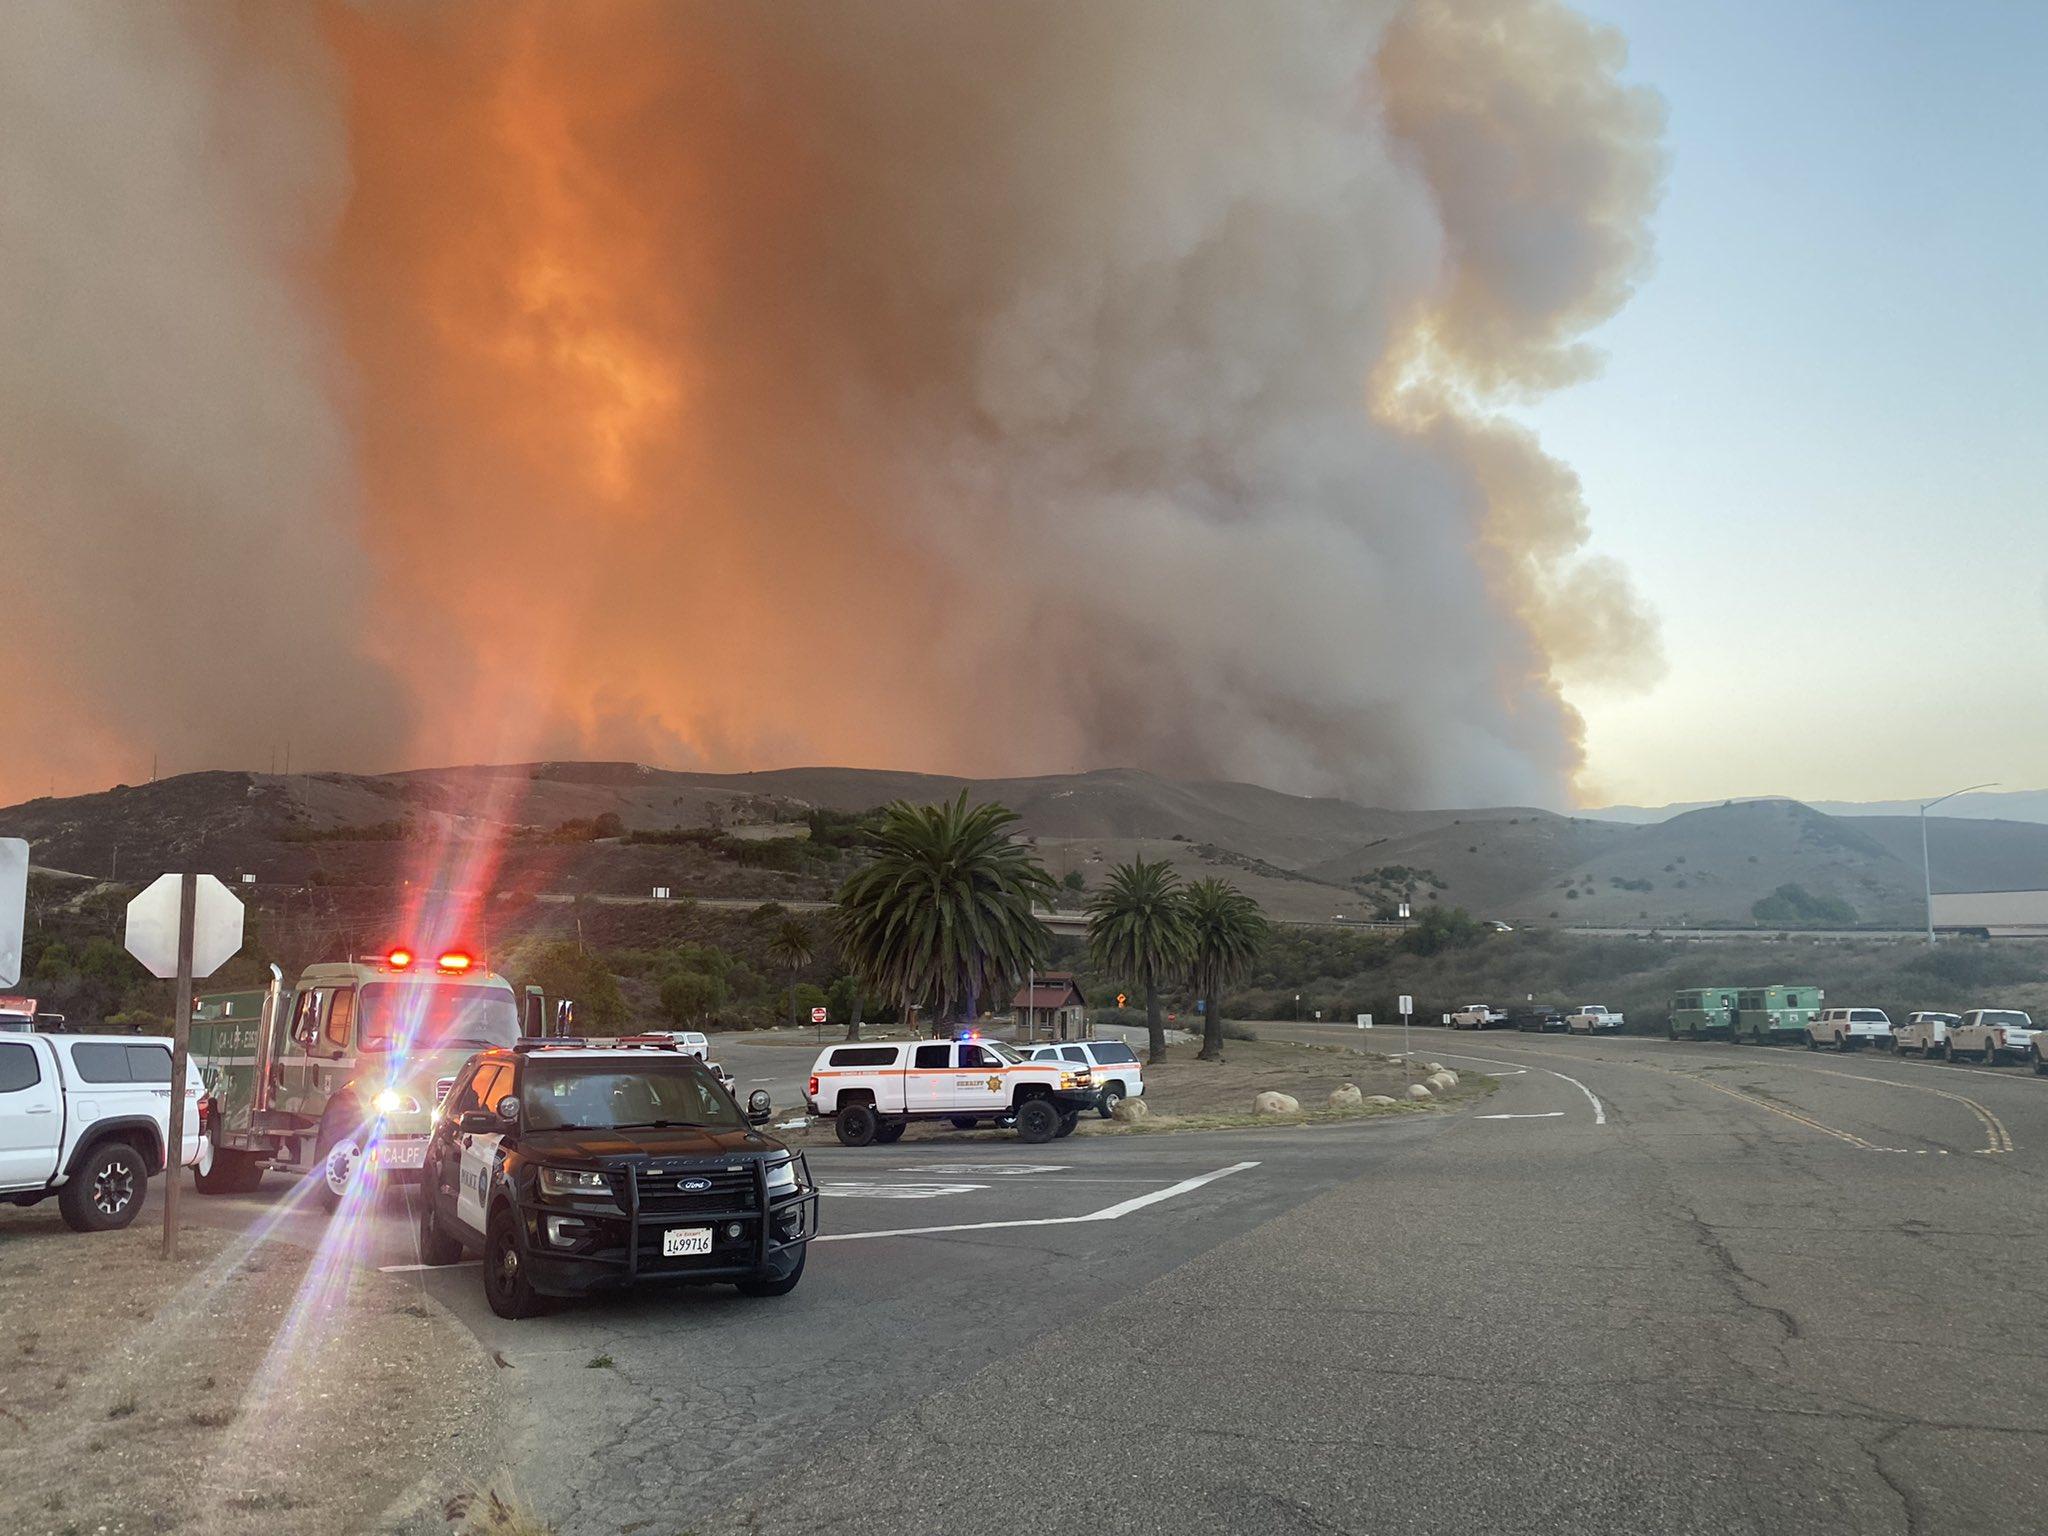 Καλιφόρνια: Μεγάλη πυρκαγιά απειλεί σπίτια στη Σάντα Μπάρμπαρα